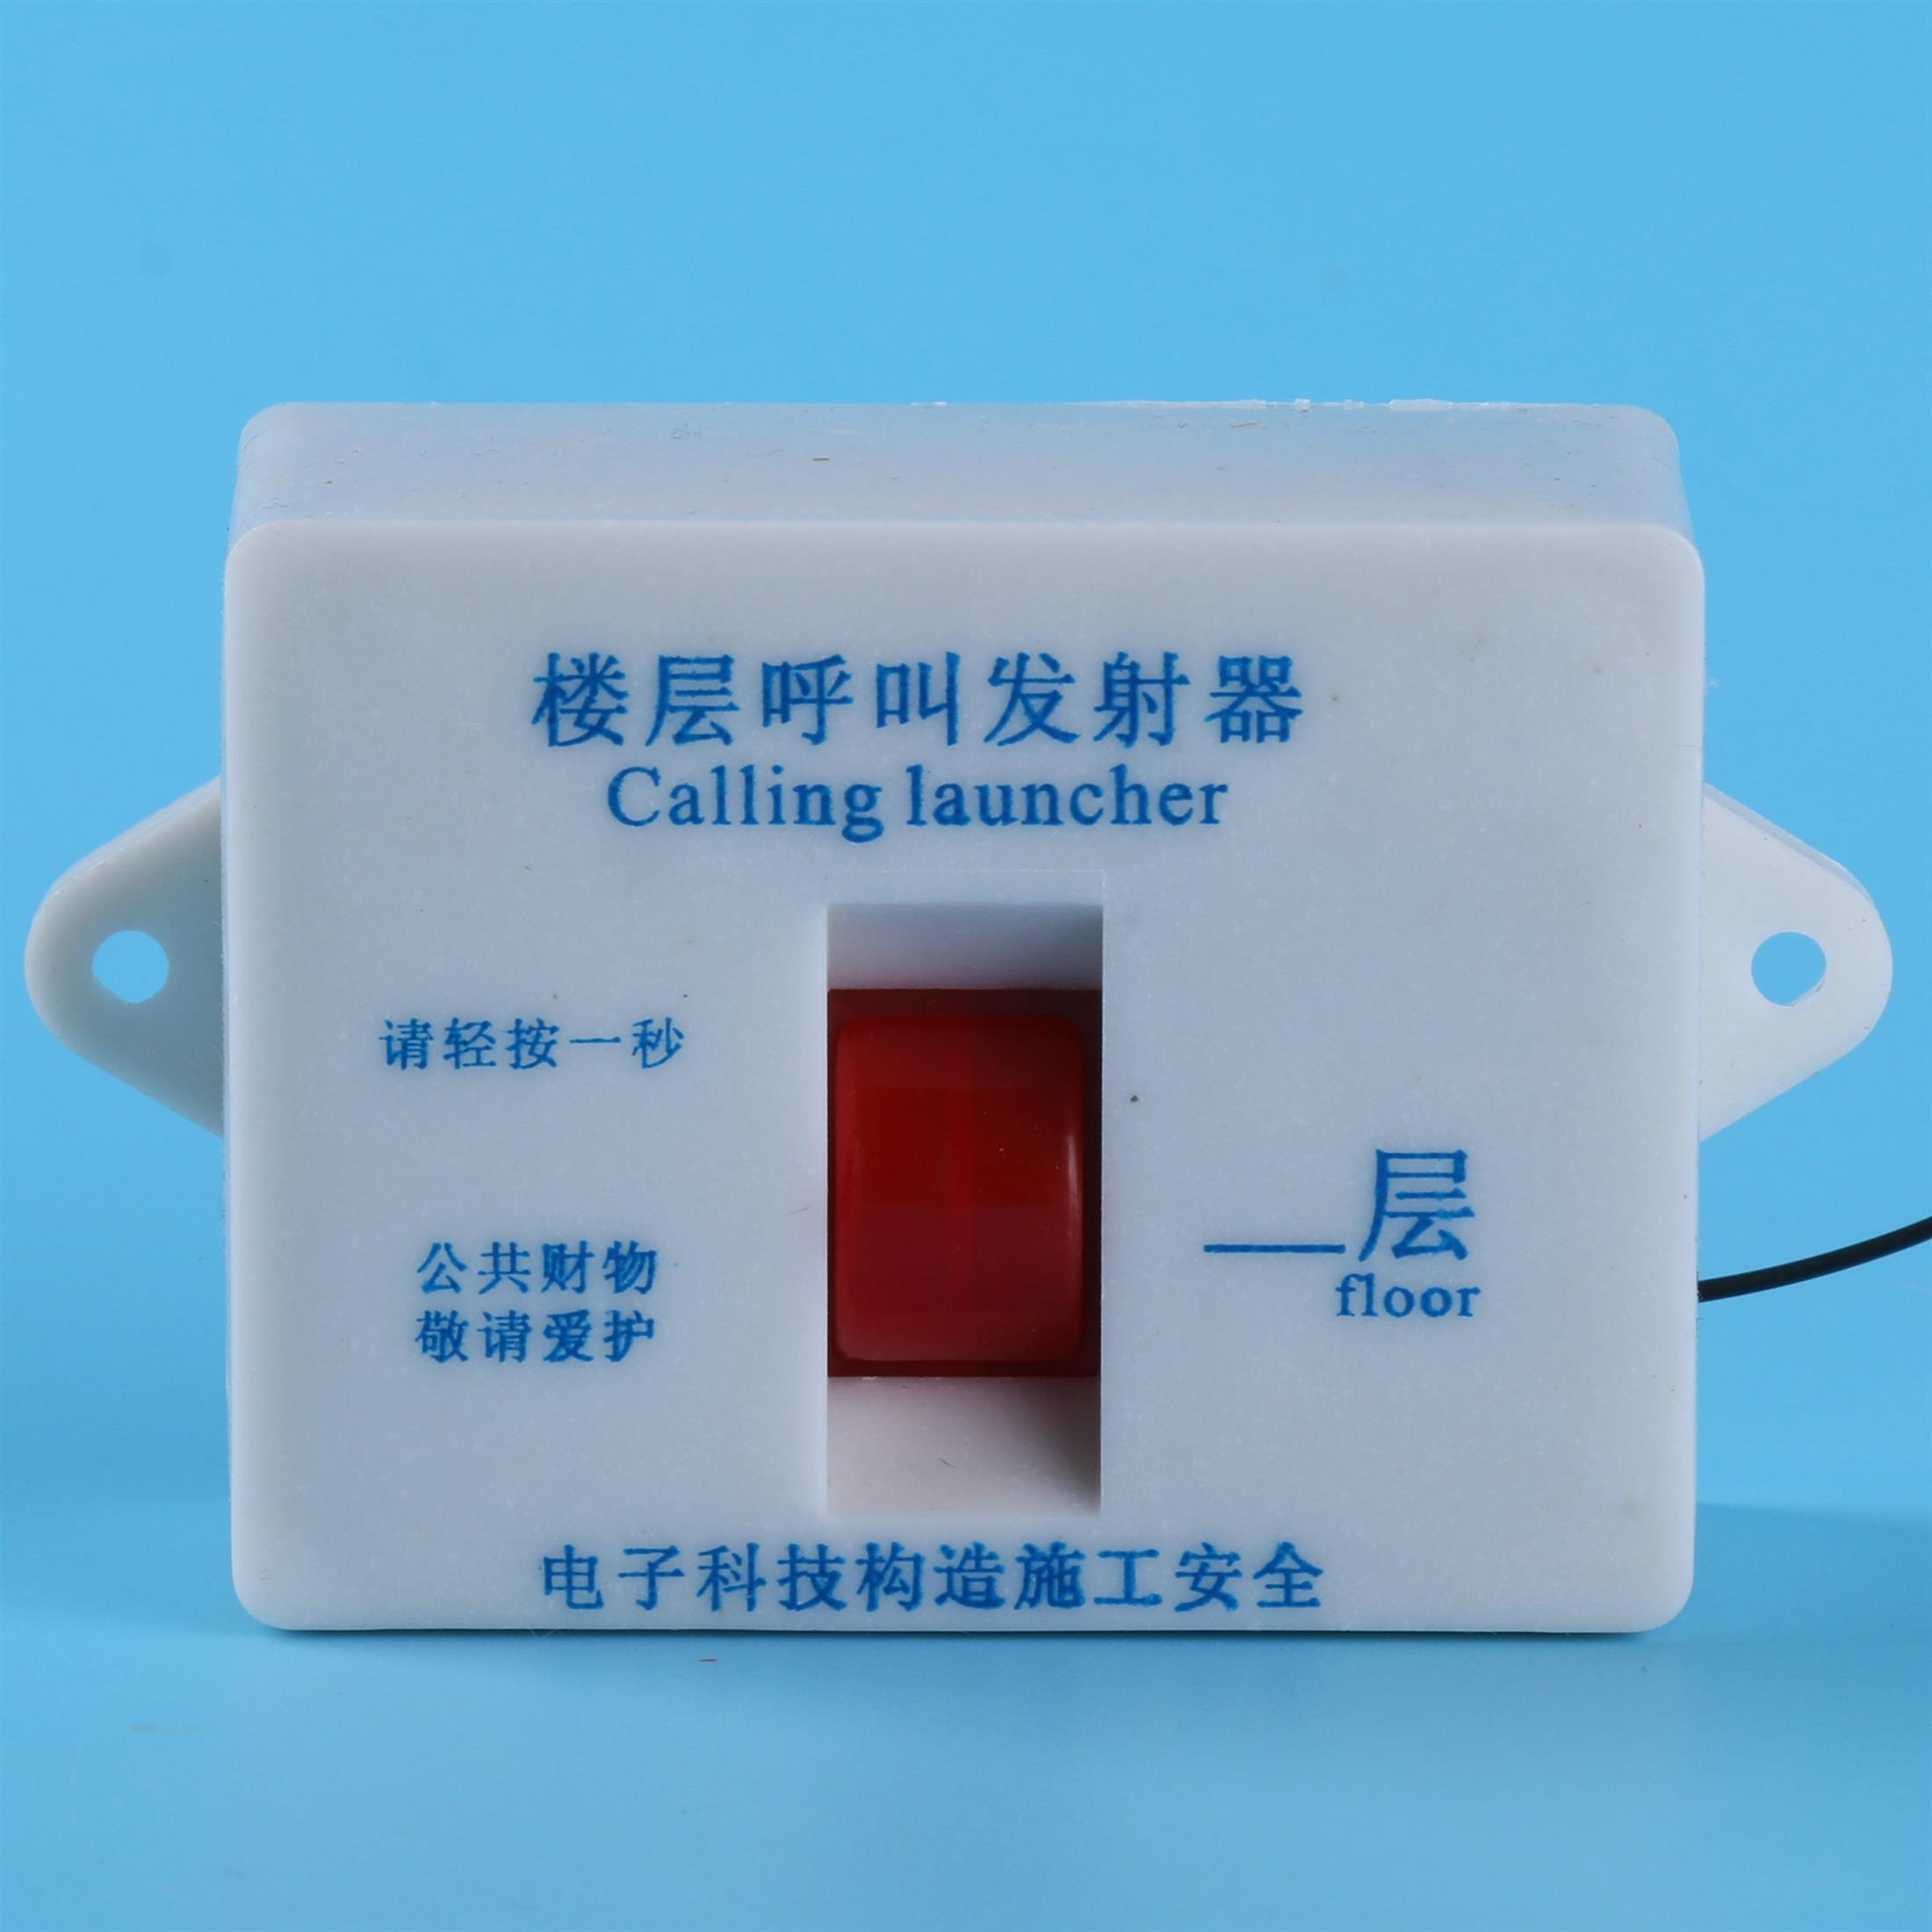 岳阳电梯呼叫器系统